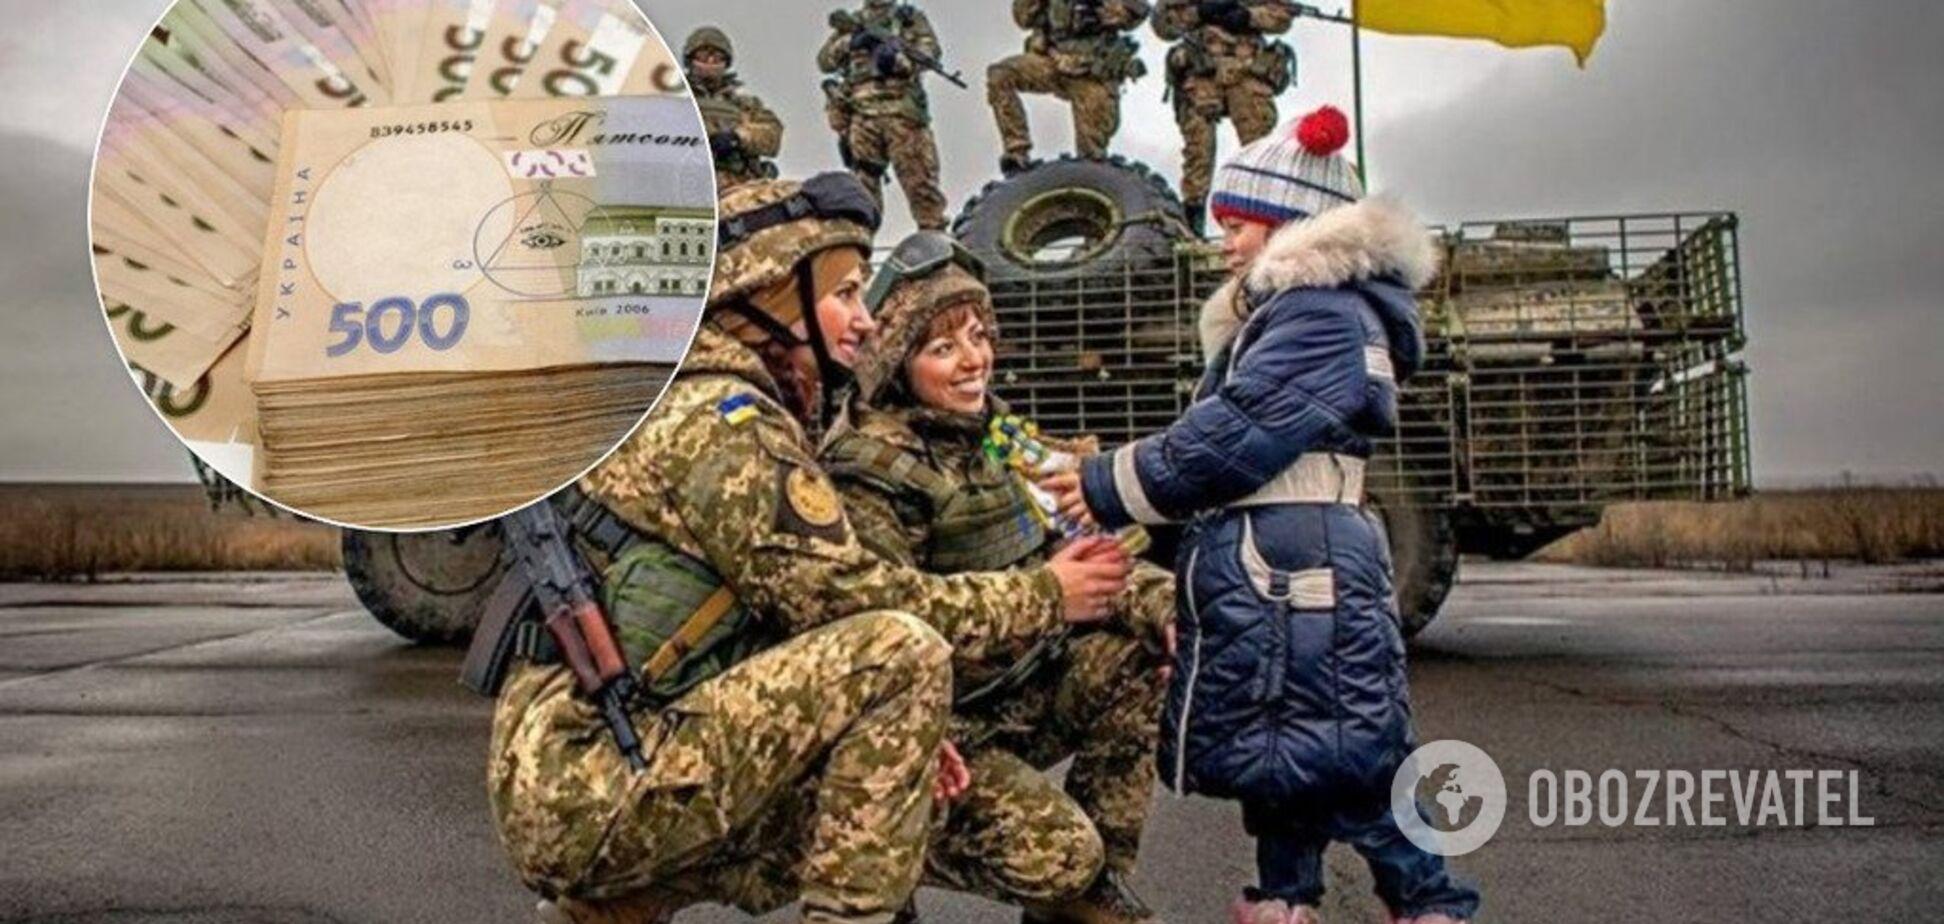 'Слуга народа' хочет отменить военный сбор: на сколько увеличатся зарплаты украинцев